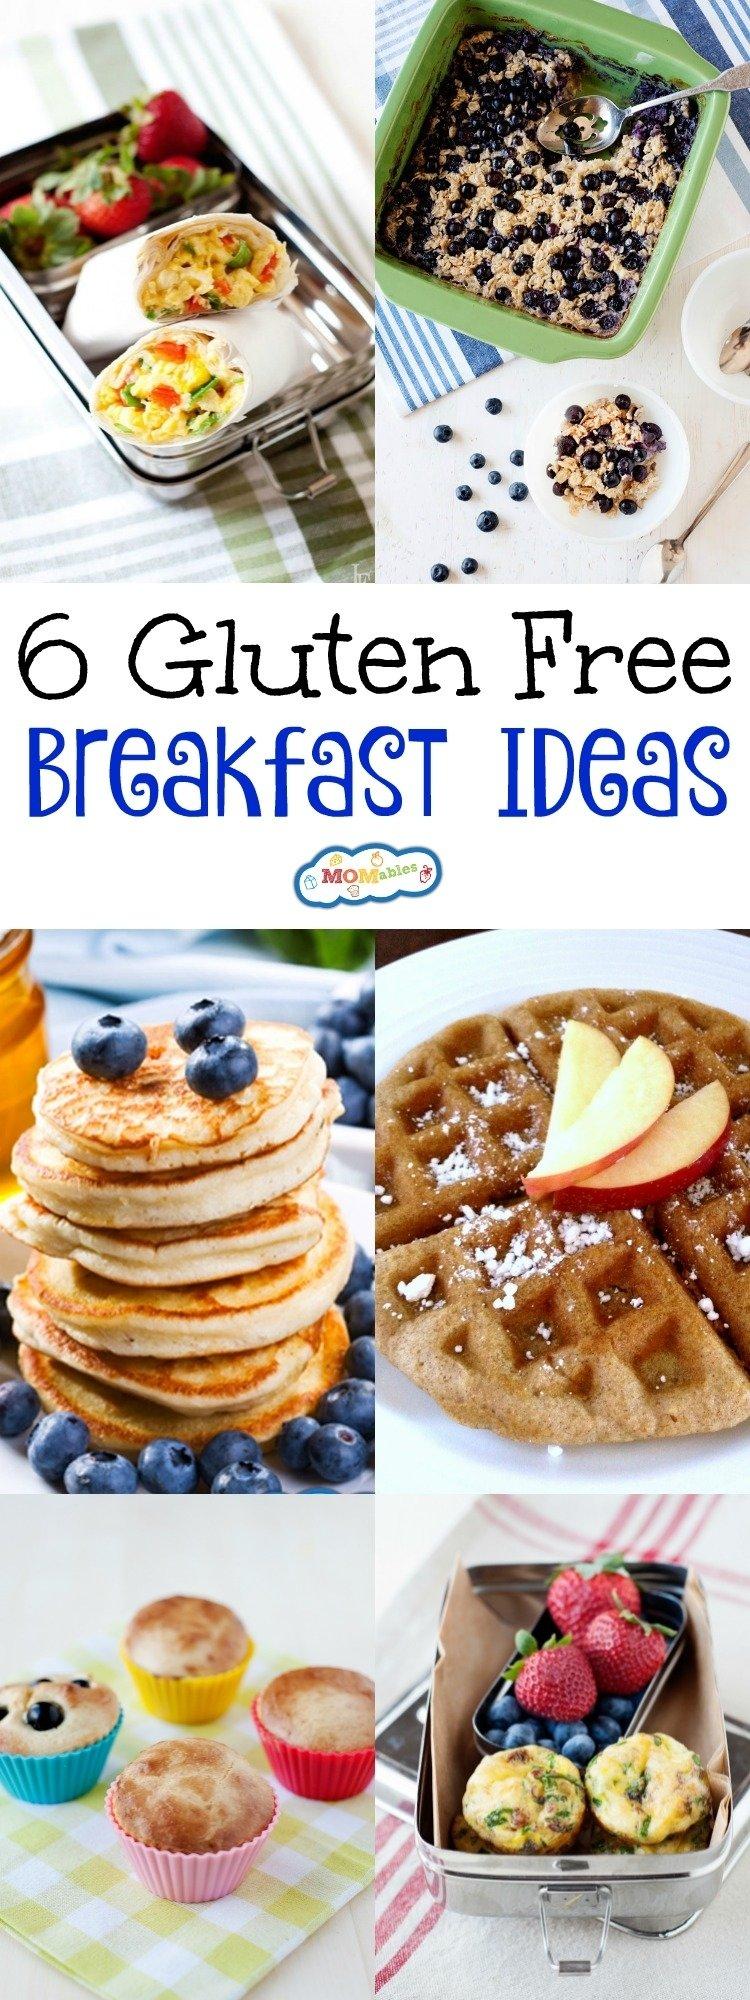 10 Great Gluten Free Breakfast Ideas For Kids 6 gluten free breakfast ideas momables 7 2021